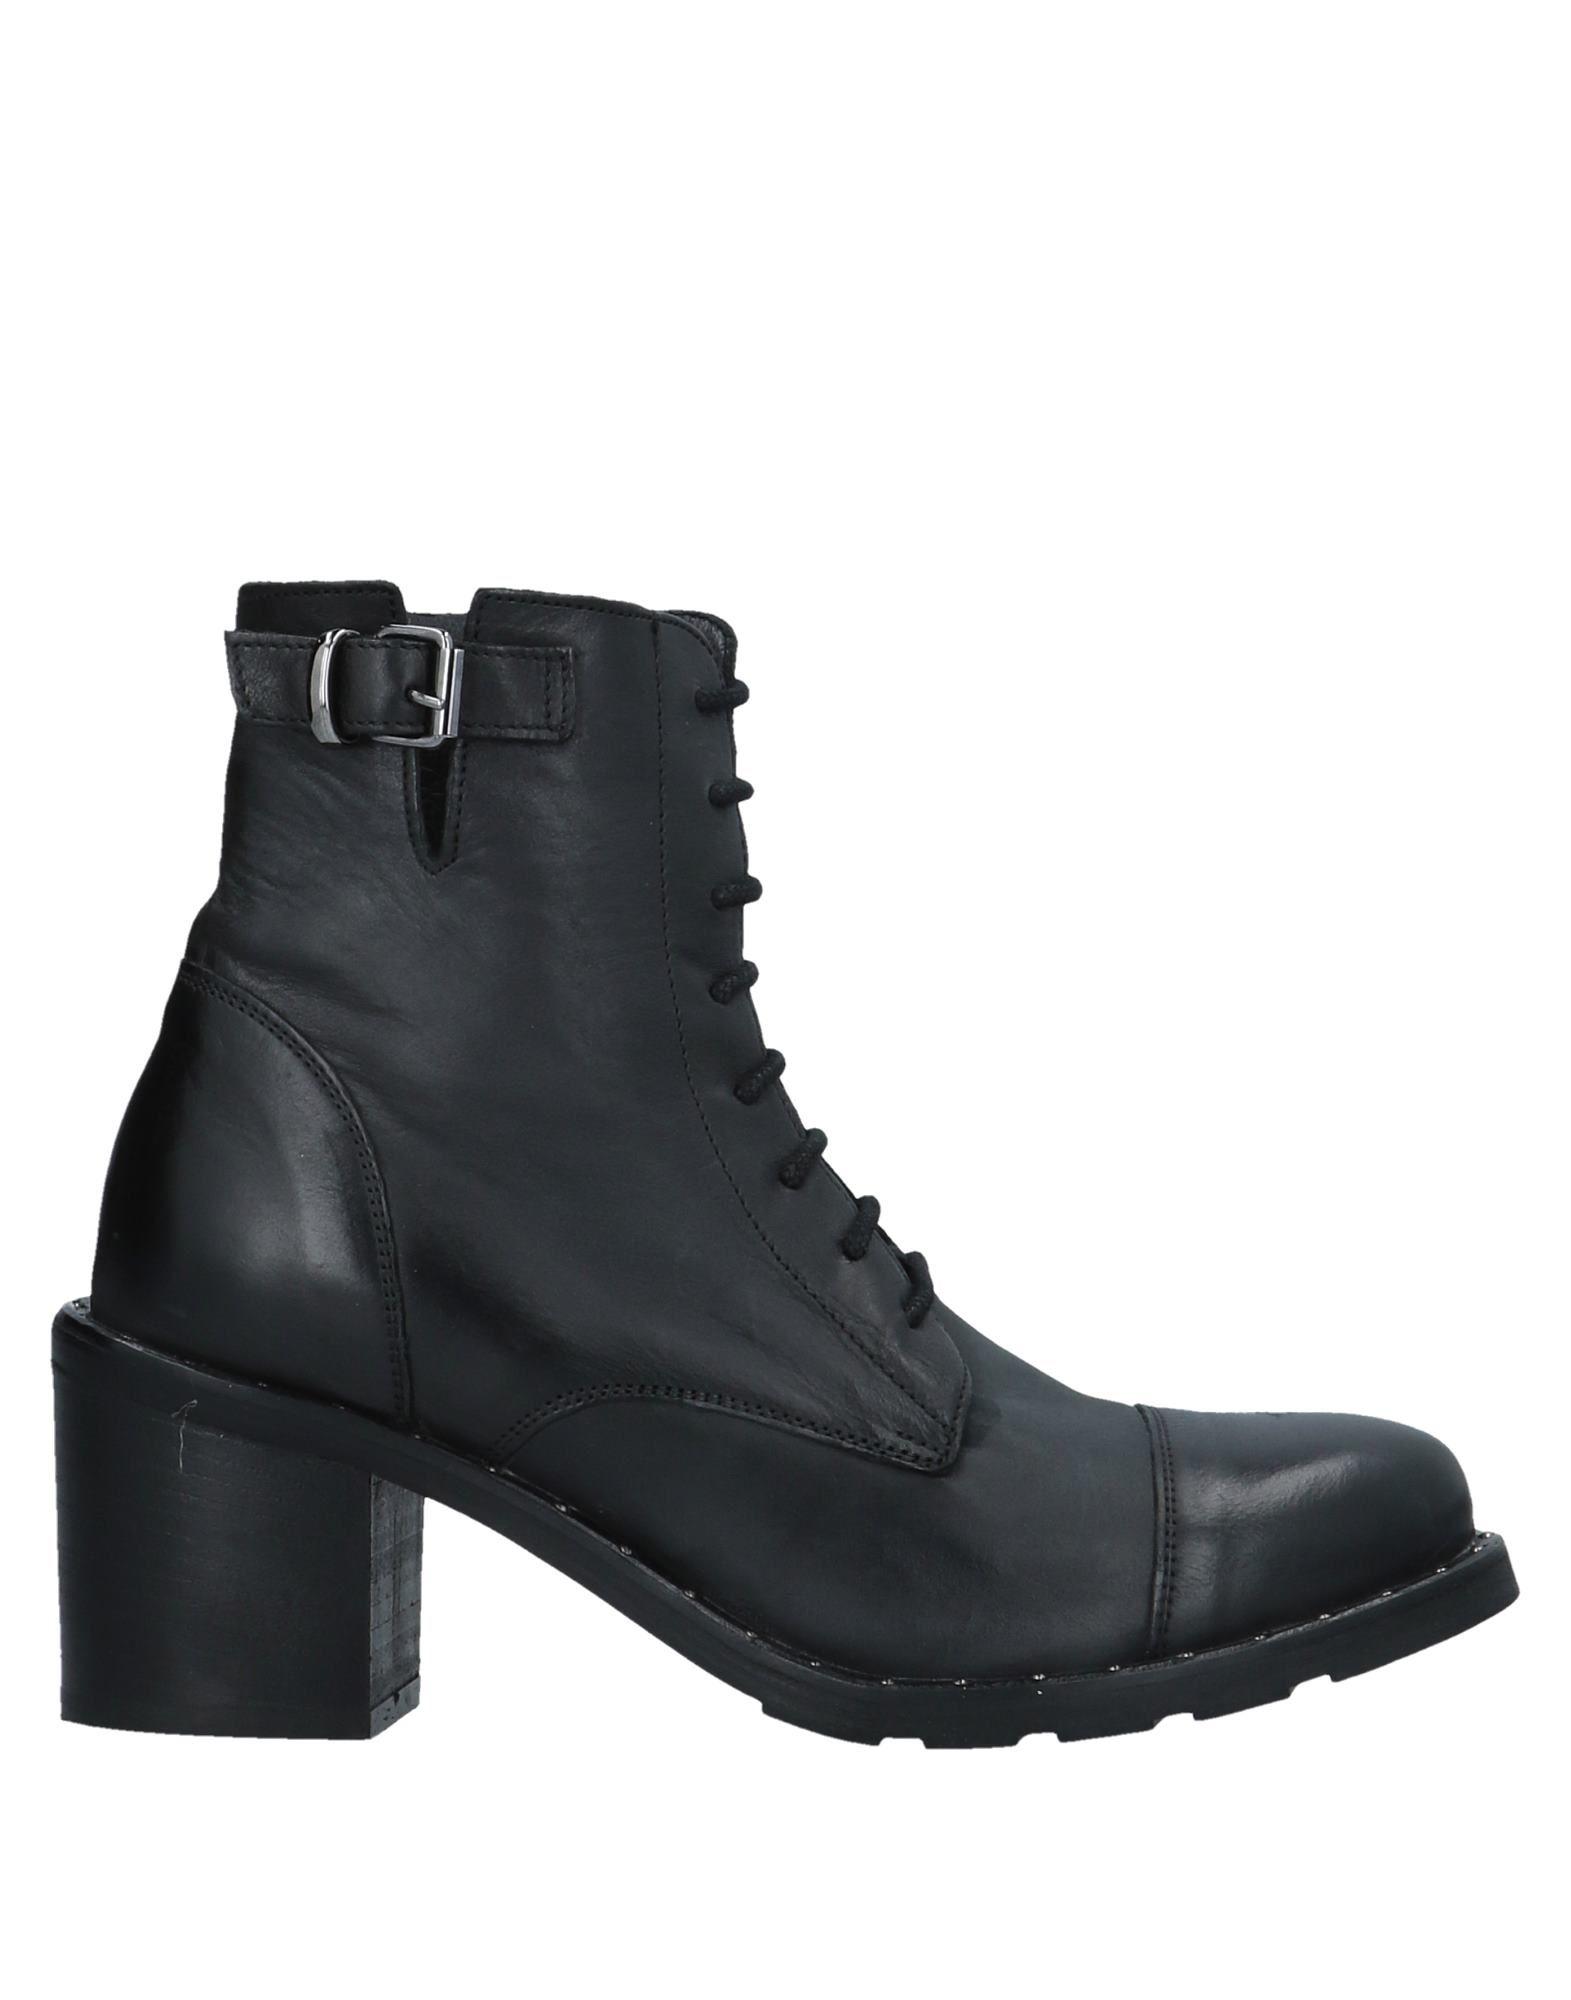 Gaia Shoes Stiefelette Damen  11537102BD Gute Qualität beliebte Schuhe